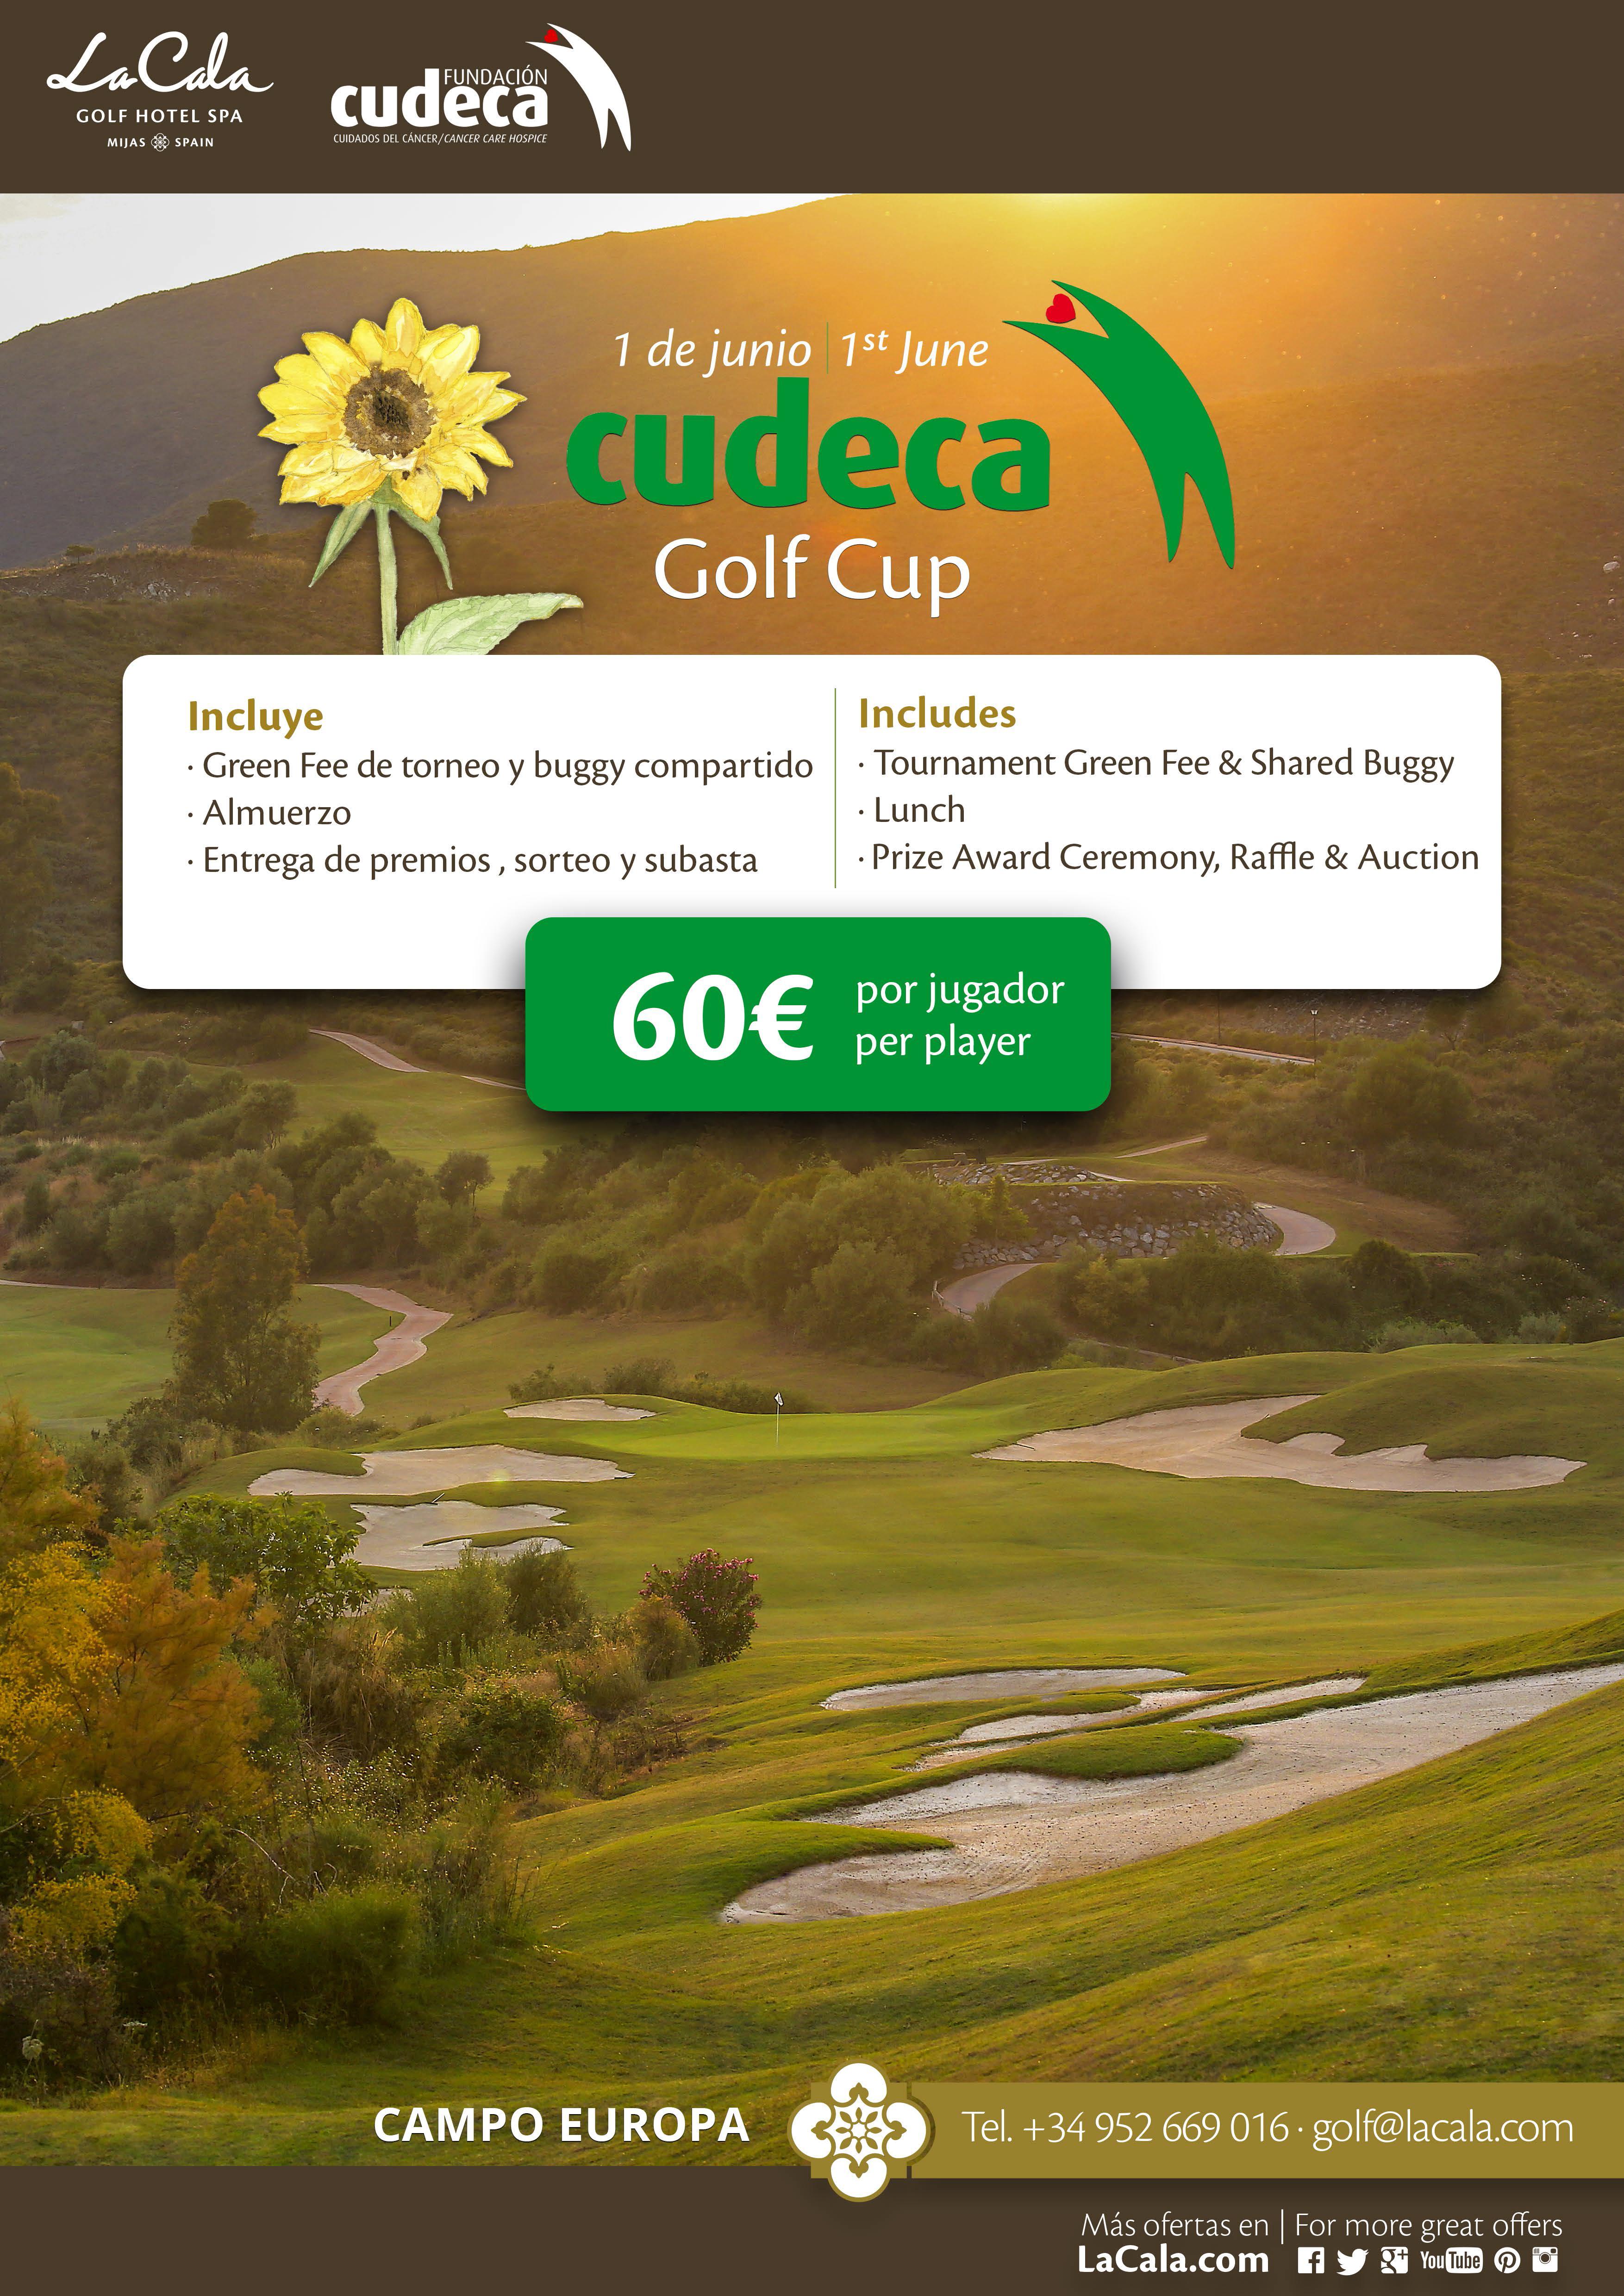 XXVI Torneo de golf Copa CUDECA en La Cala Resort